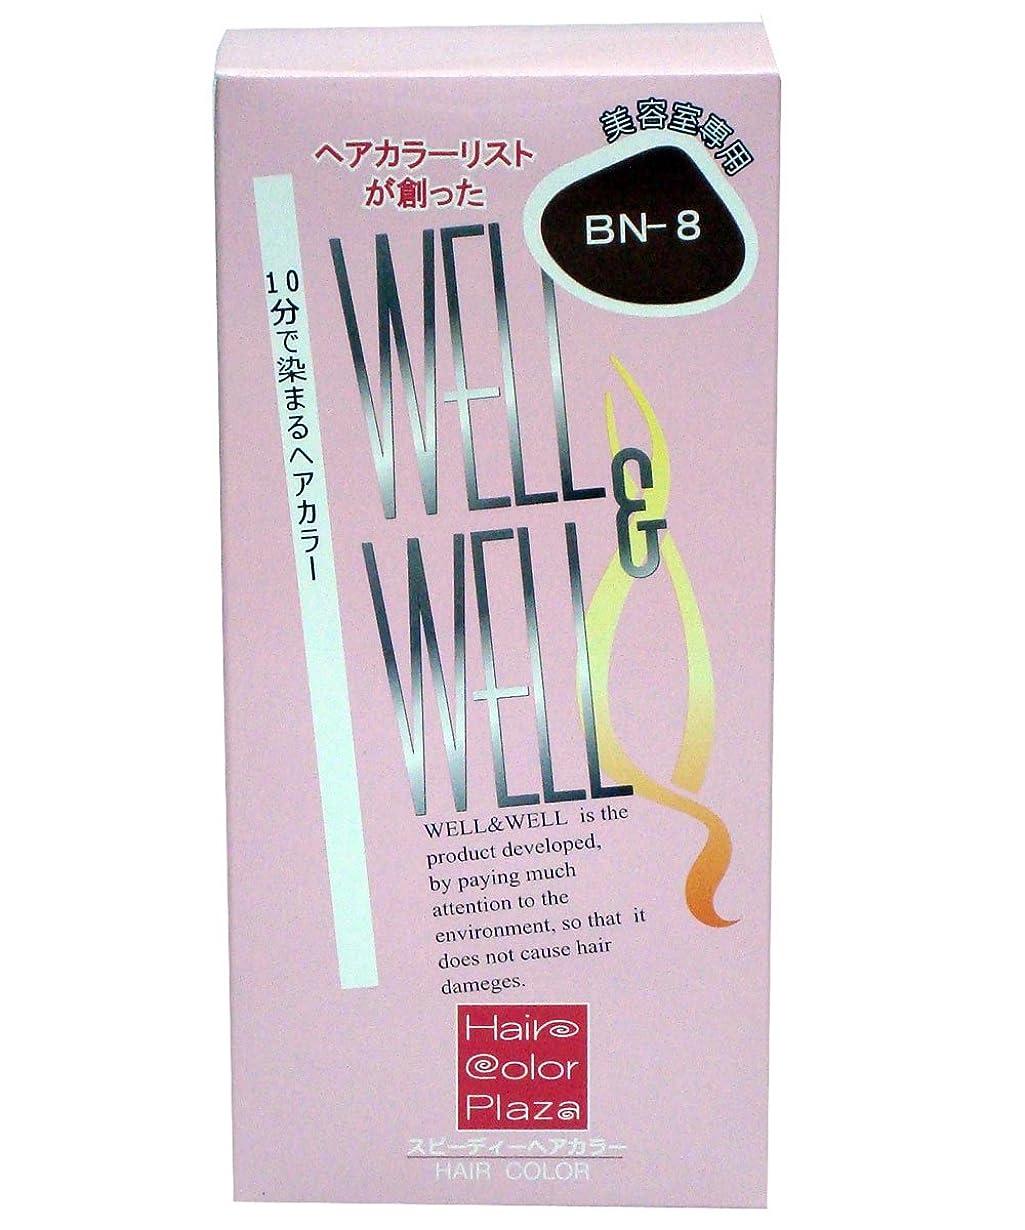 大脳囚人アストロラーベ【美容室専用】 ウェル&ウェル スピーディヘアカラー ナチュラルブラウン BN-8